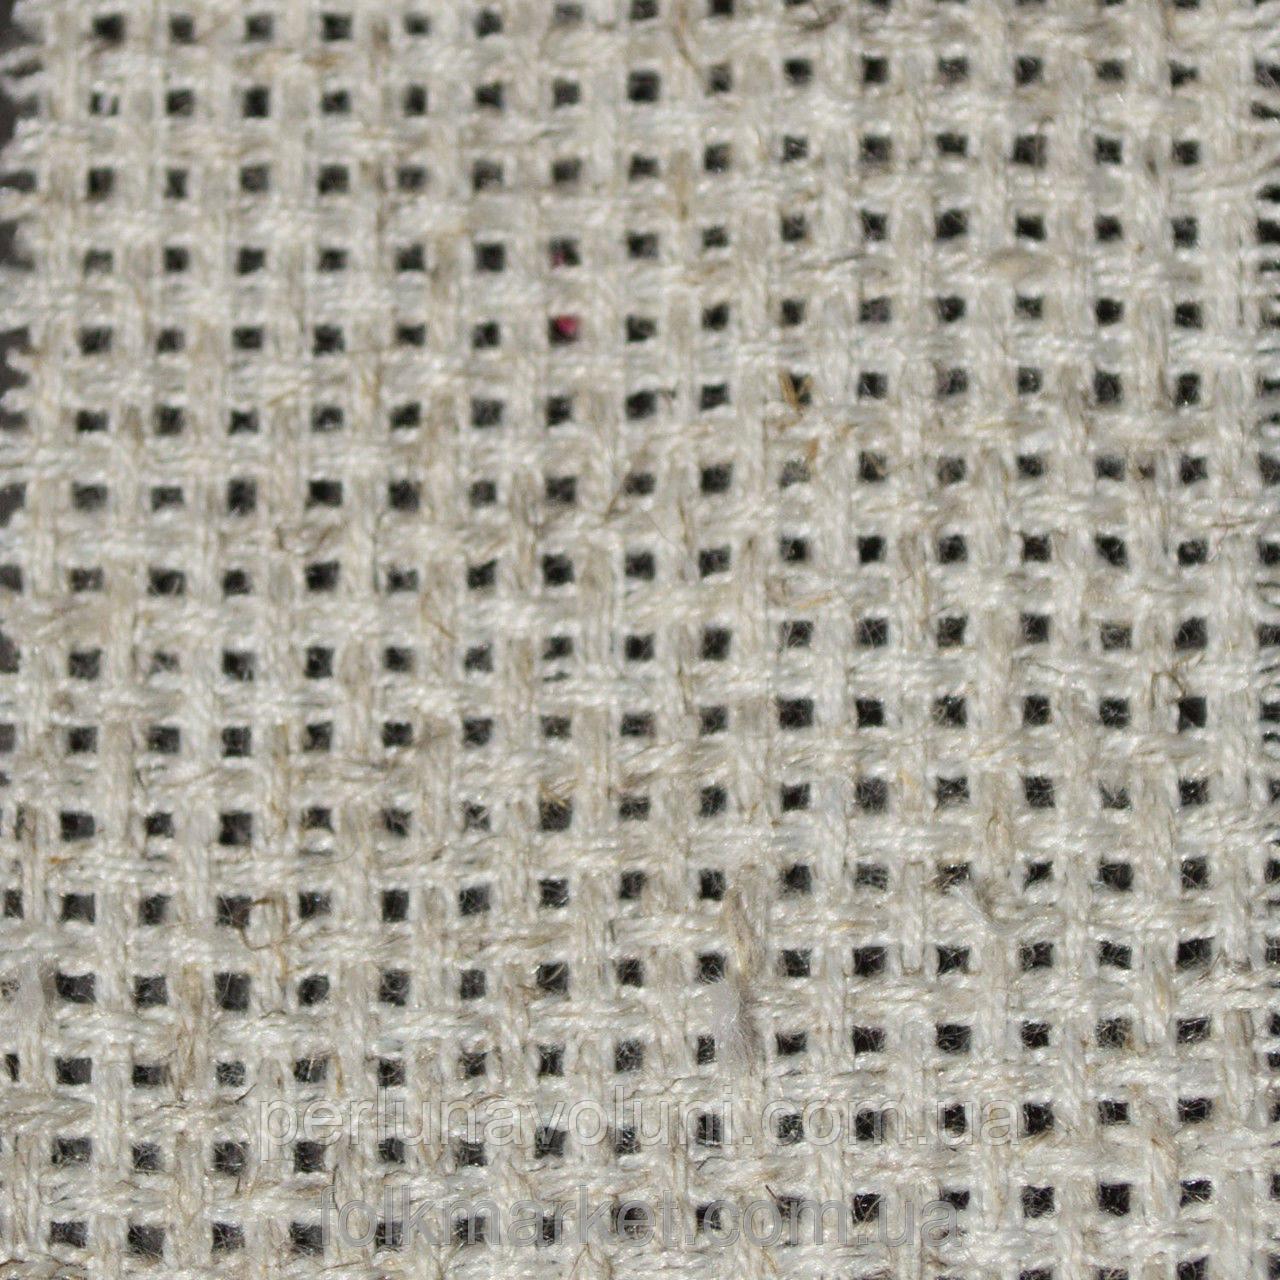 Ткань для вышивания ТВШ-31 1 1 крупная - Перлина Волині в Луцке b1ca00f8761a0